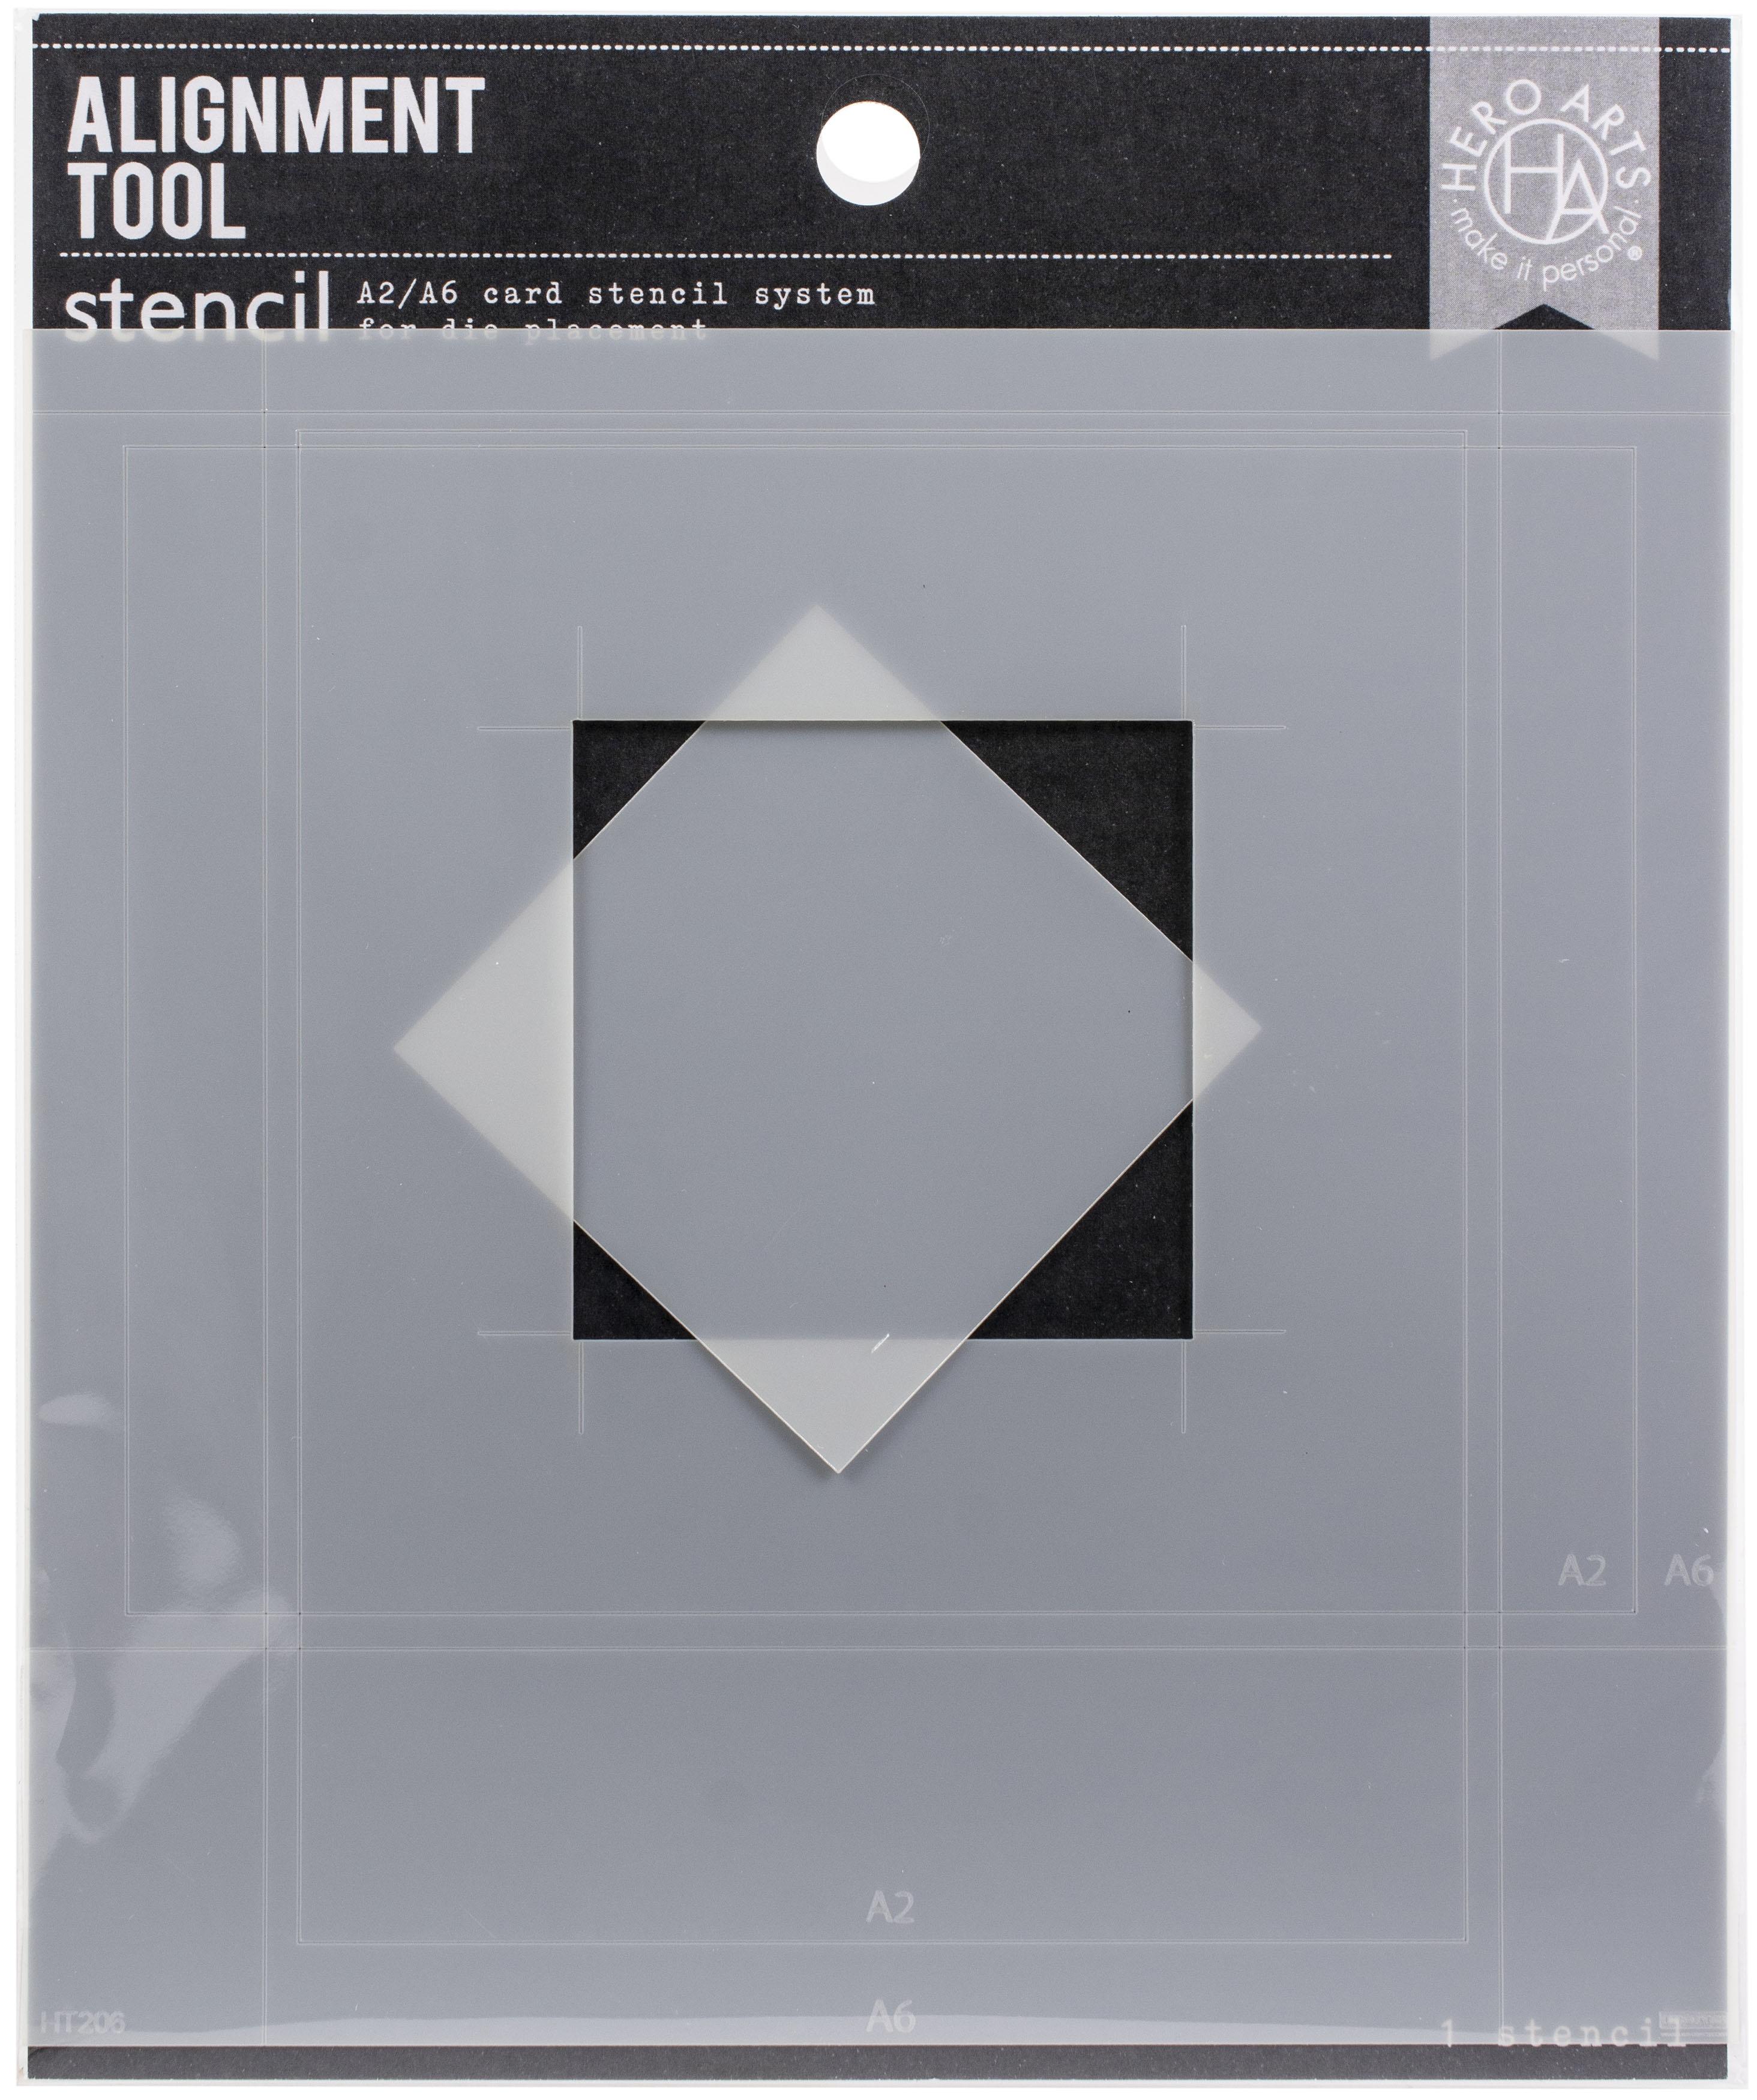 Hero Arts Alignment Tool Stencil-A2 & A6